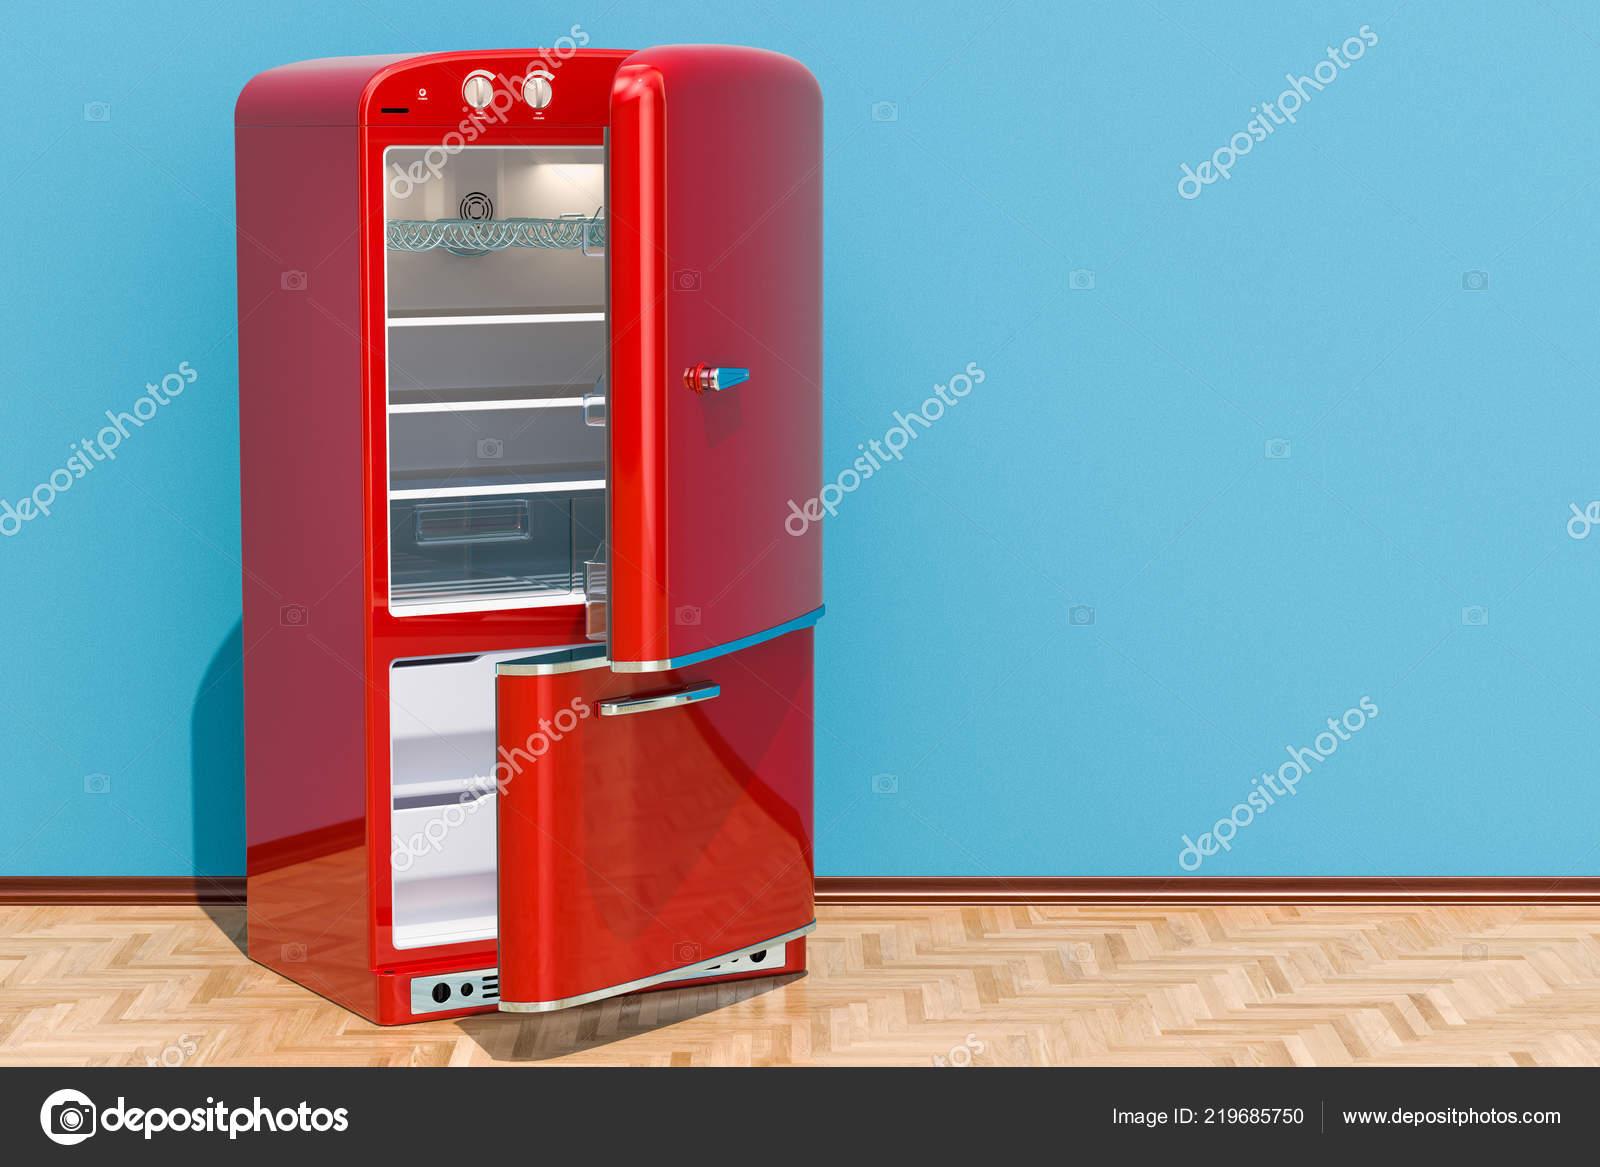 Kühlschrank Vintage Design : Rot kühlschrank retro design zimmer auf dem holzboden rendering